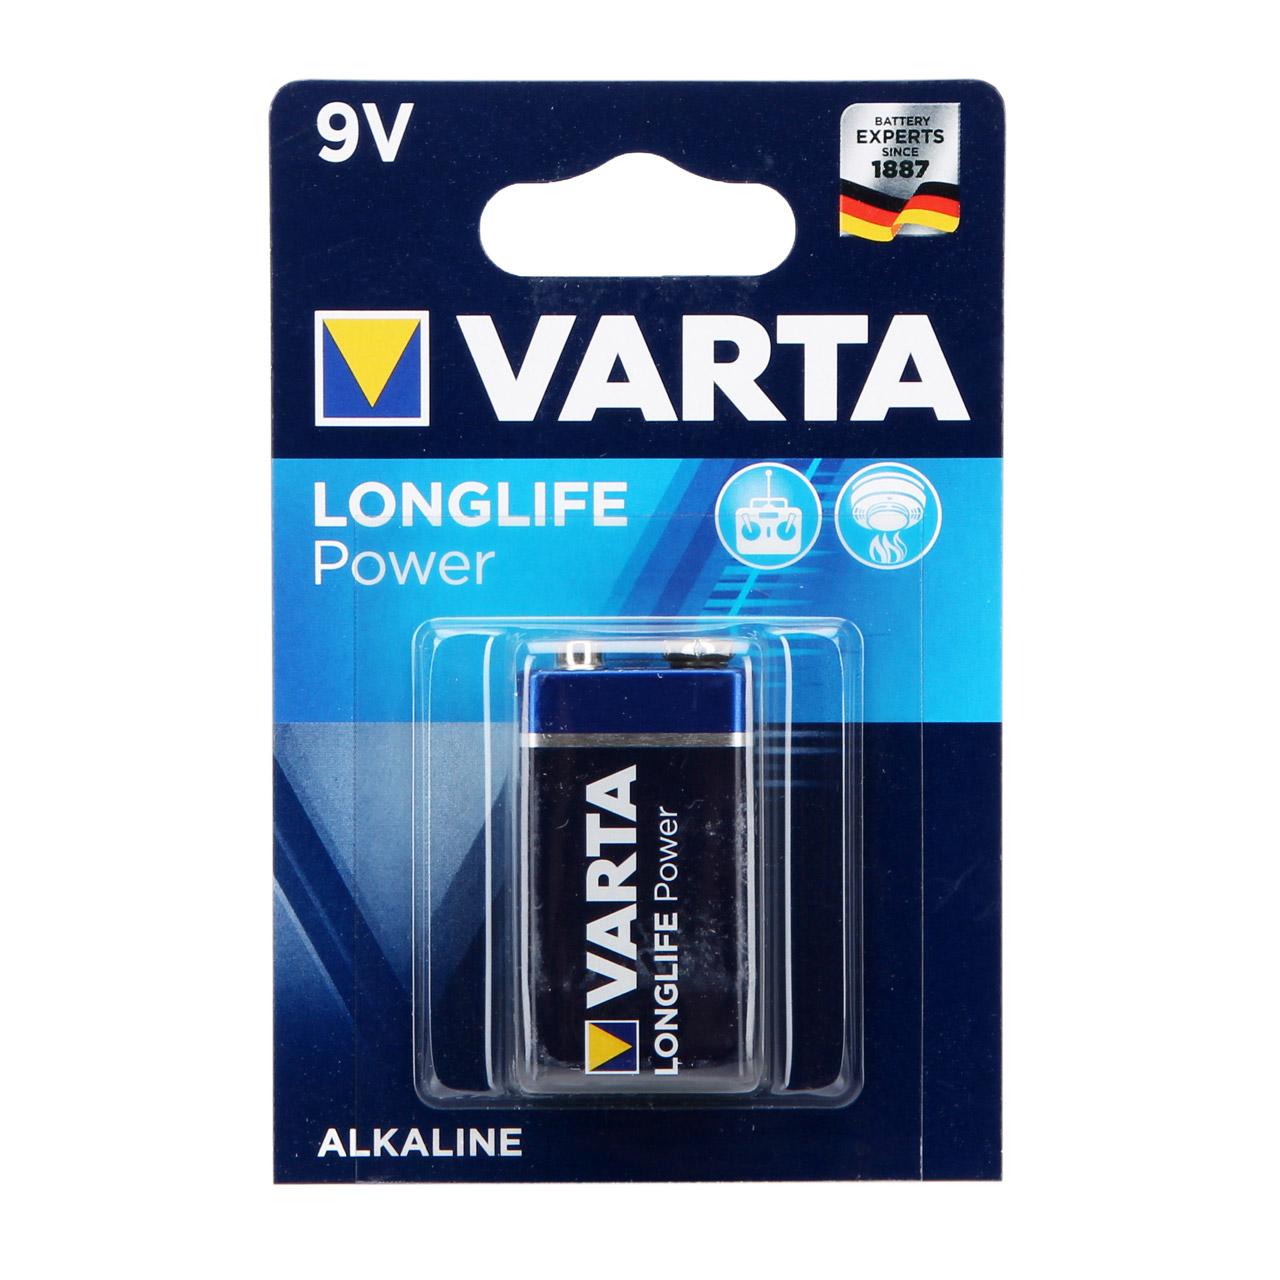 VARTA Batterie LONGLIFE POWER Alkaline E-Block 6LR61 9V